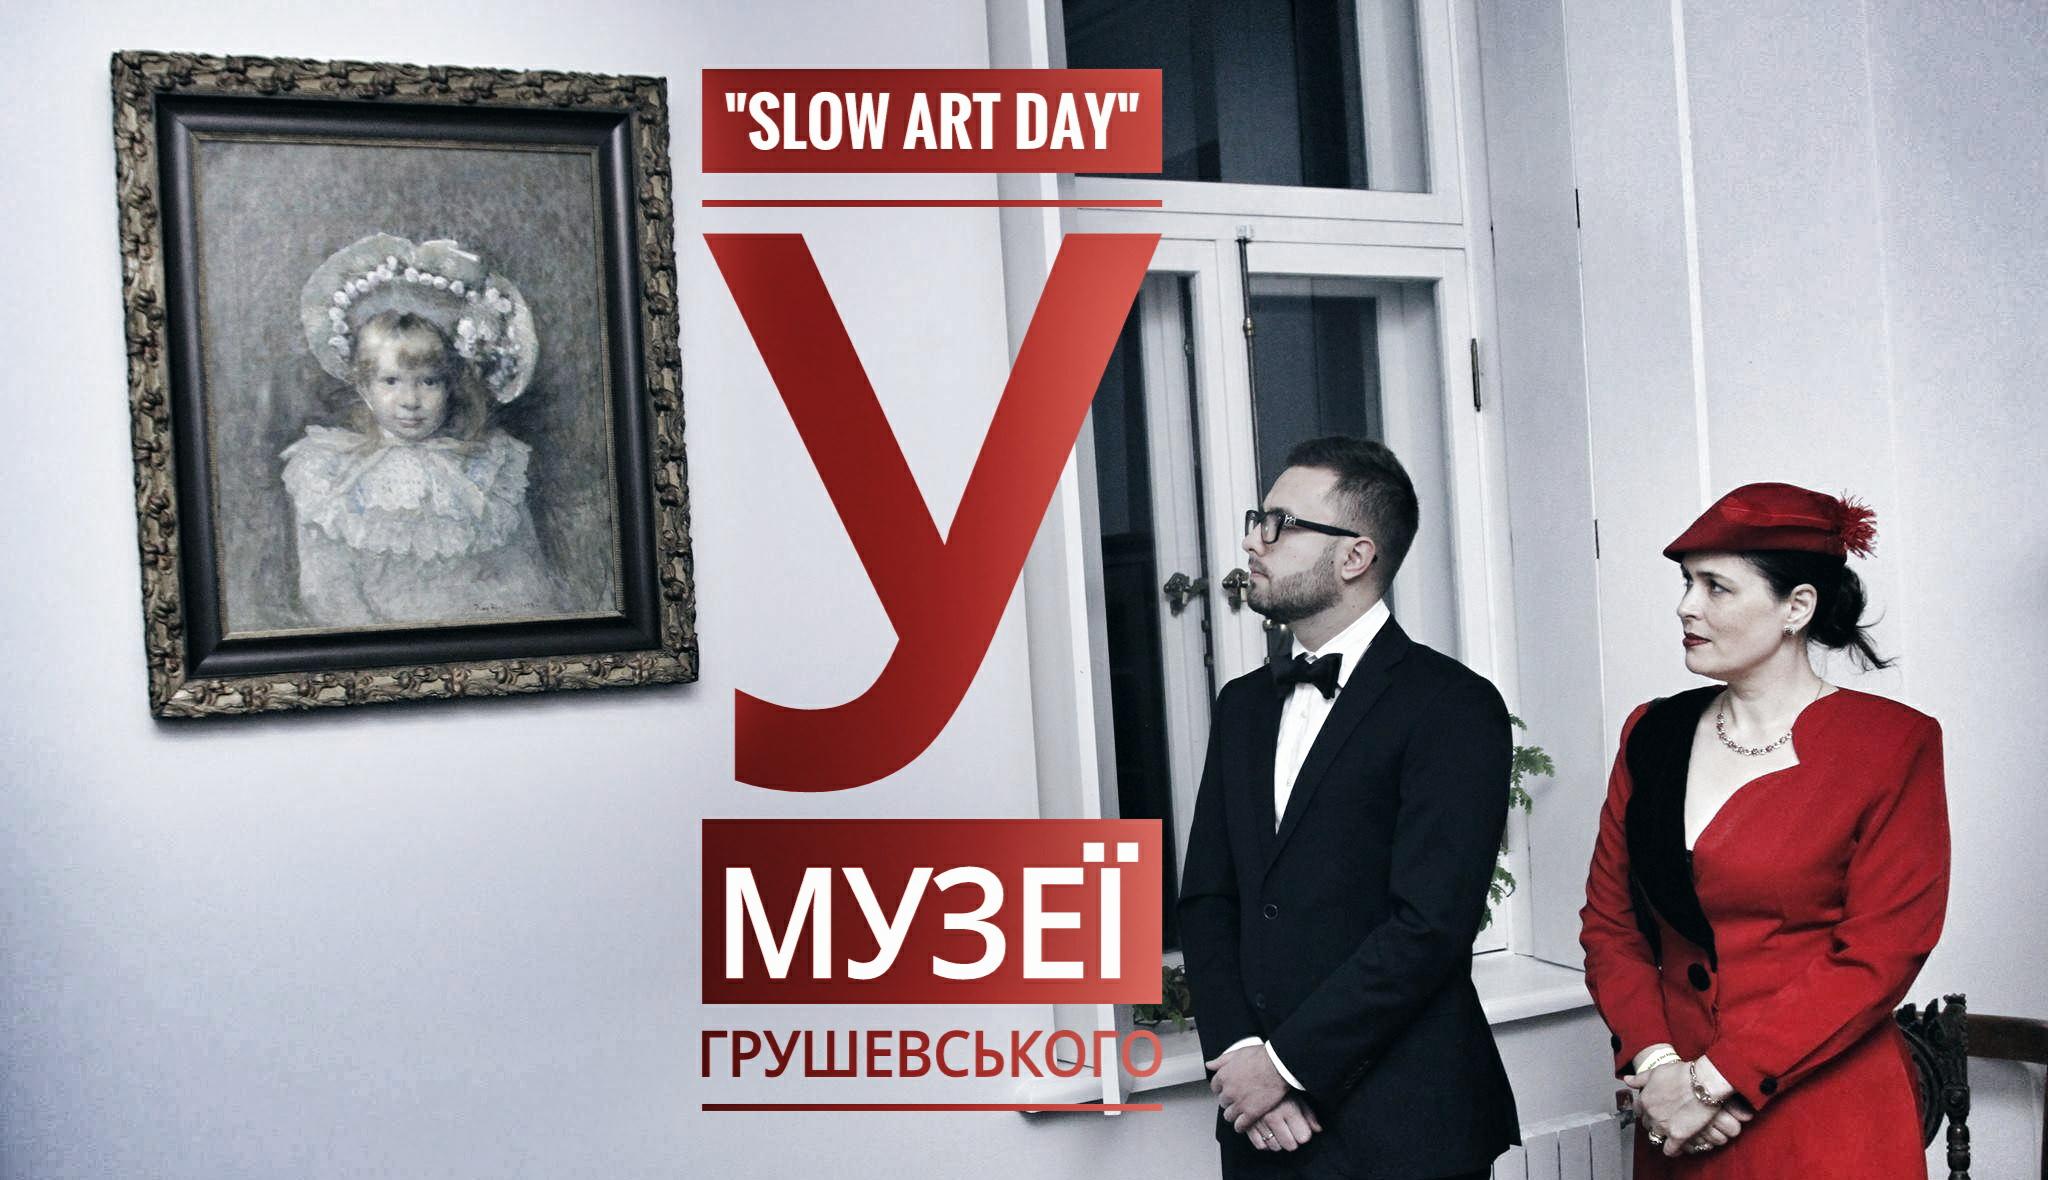 День неспішного мистецтва у Музеї  Грушевського